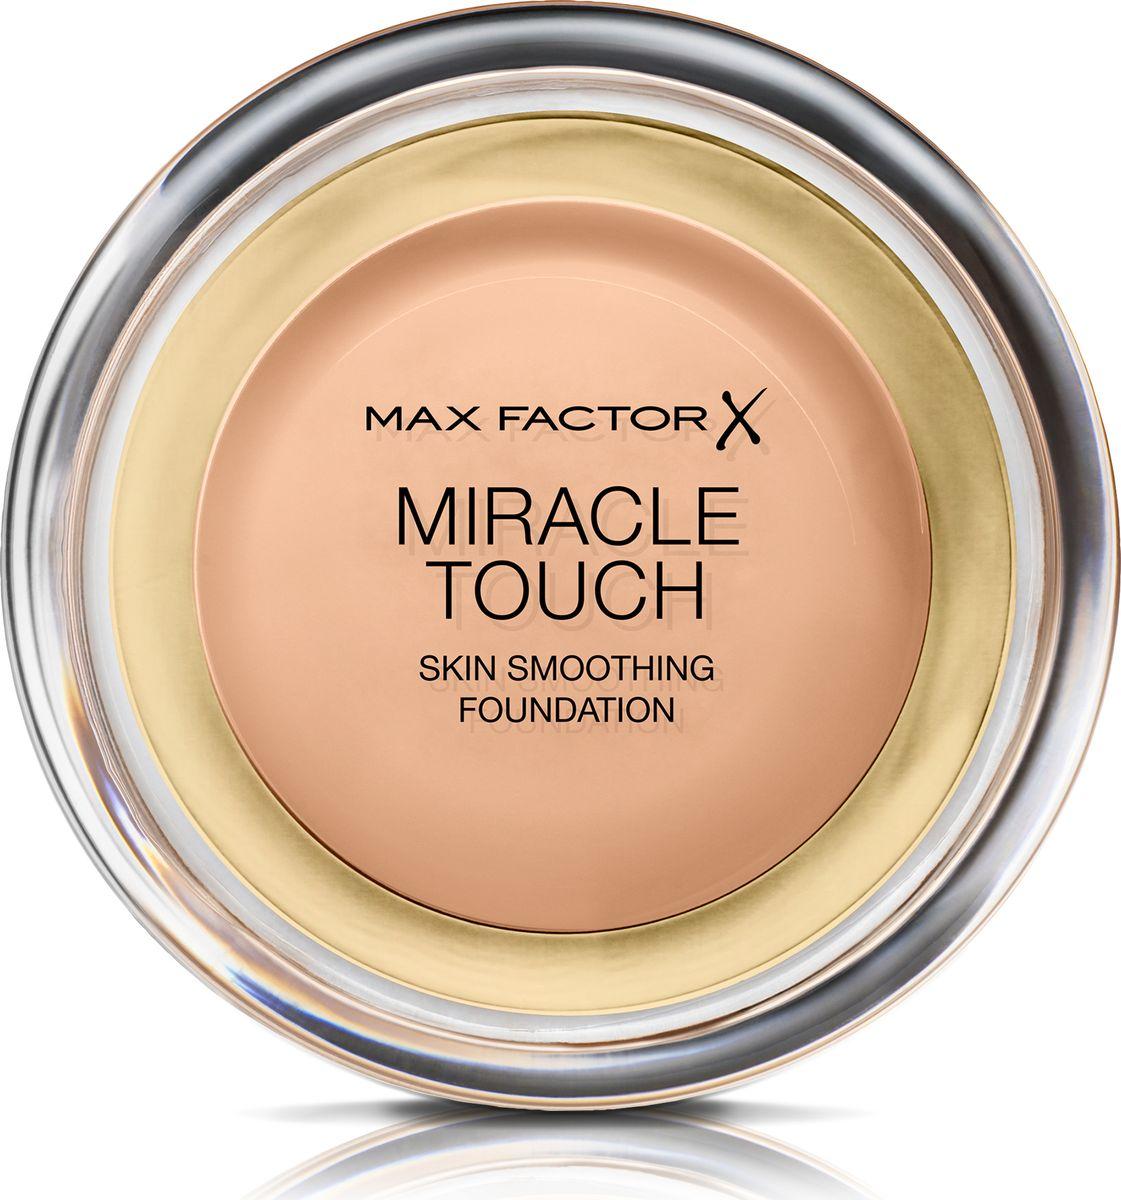 Max Factor Тональная Основа Miracle Touch Тон 45 warm almond 11,5 гр1166N10876Уникальная универсальная тональная основа MaxFactorMiracleTouch обладает кремообразной формулой, благодаря которой превосходно подготовить кожу для макияжа очень легко. Всего один слой без необходимости нанесения консилера или пудры. Легкая твердая тональная основа тает в руках и гладко наносится на кожу, создавая идеальное, безупречно блестящее и равномерное покрытие, не слишком прозрачное и не слишком плотное. В результате кожа выглядит свежей, необычайно ровной и приобретает сияние. Чтобы создать безупречное покрытие, можно нанести всего один легкий слой тональной основы или же сделать покрытие более плотным благодаря специальной формуле. Тональная основа подходит для всех типов кожи, включая чувствительную кожу, и не вызывает угревой сыпи, так как не закупоривает поры. Спонж в комплекте для простого и аккуратного нанесения где угодно.Идеальное покрытие в один слой- консилер и пудра не нужны. Умеренное или плотное покрытие благодаря специальной формуле. Не вызывает угревую сыпь и не закупоривает поры. Дерматологически протестировано, подходит для чувствительной кожи.Удобная компактная форма, которую легко держать в руках, со спонжем для быстрого и простого нанесения. Идеальный оттенок должен соответствовать тону кожи на линии подбородка. Для получения наиболее профессионального результата с помощью спонжа, входящего в комплект, нанеси тональную основу MiracleTouchLiquidIllusion и распредели ее от центра лица к краям. Чтобы скрыть темные круги и недостатки кожи, наноси основу краем спонжа. Всегда наноси продукт при ярком дневном освещении.